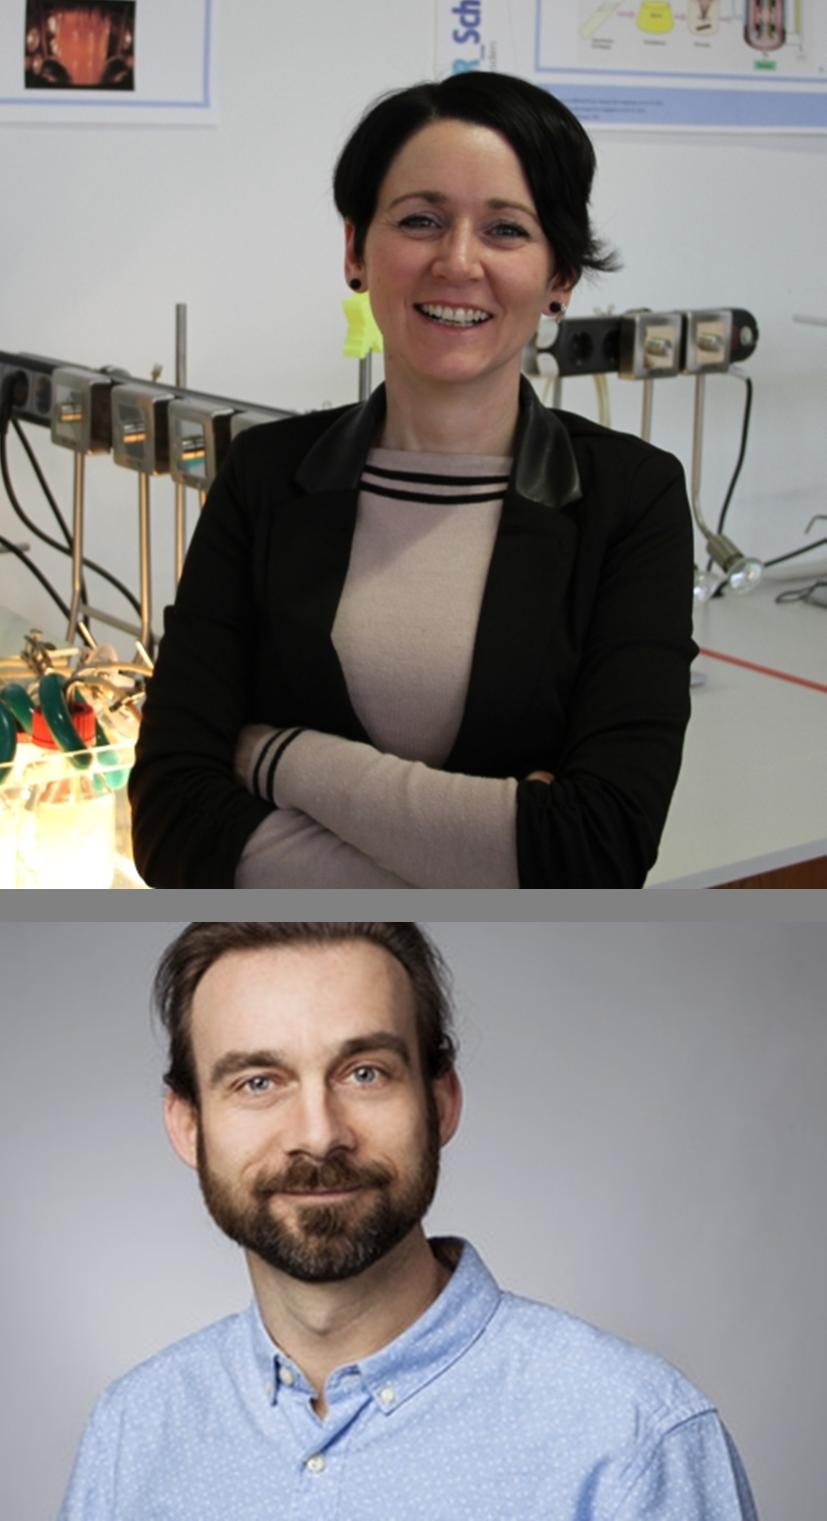 Dr. Janina Hahn (Bild oben) und Torsten Goerke (Bild unten)